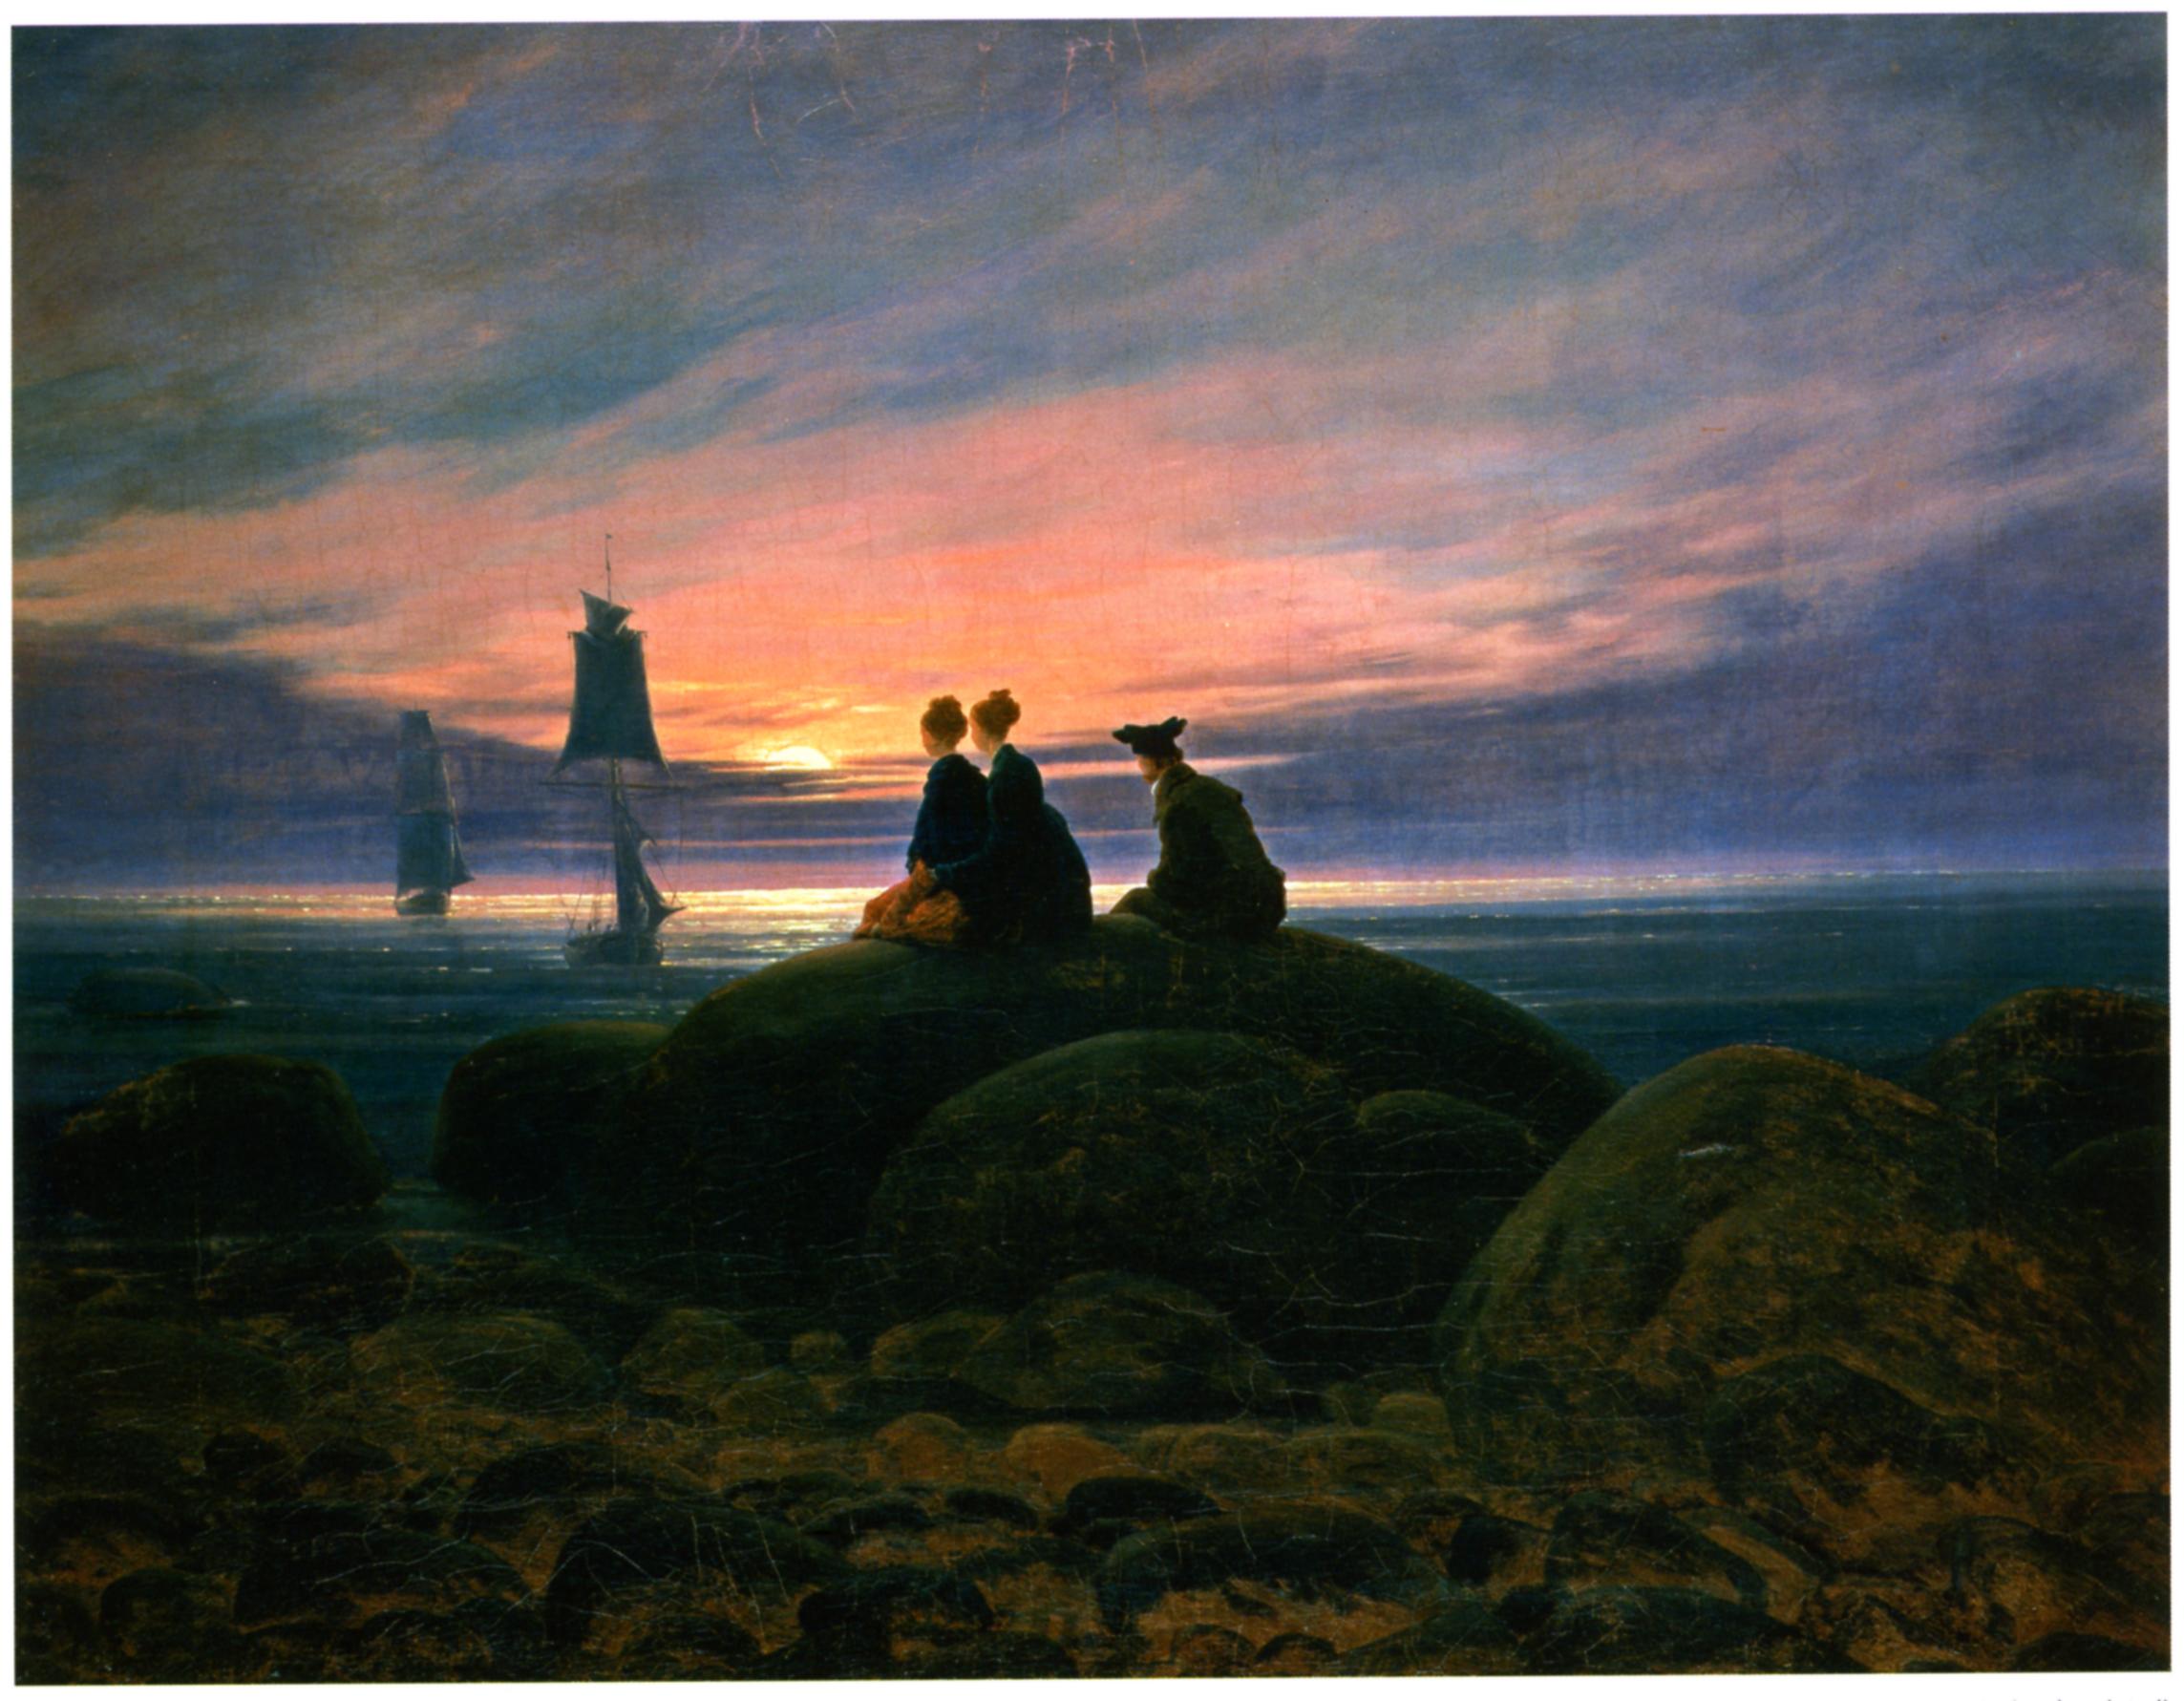 Landschaftsmalerei surrealismus  Impressionismus & Surrealismus - Seite 4